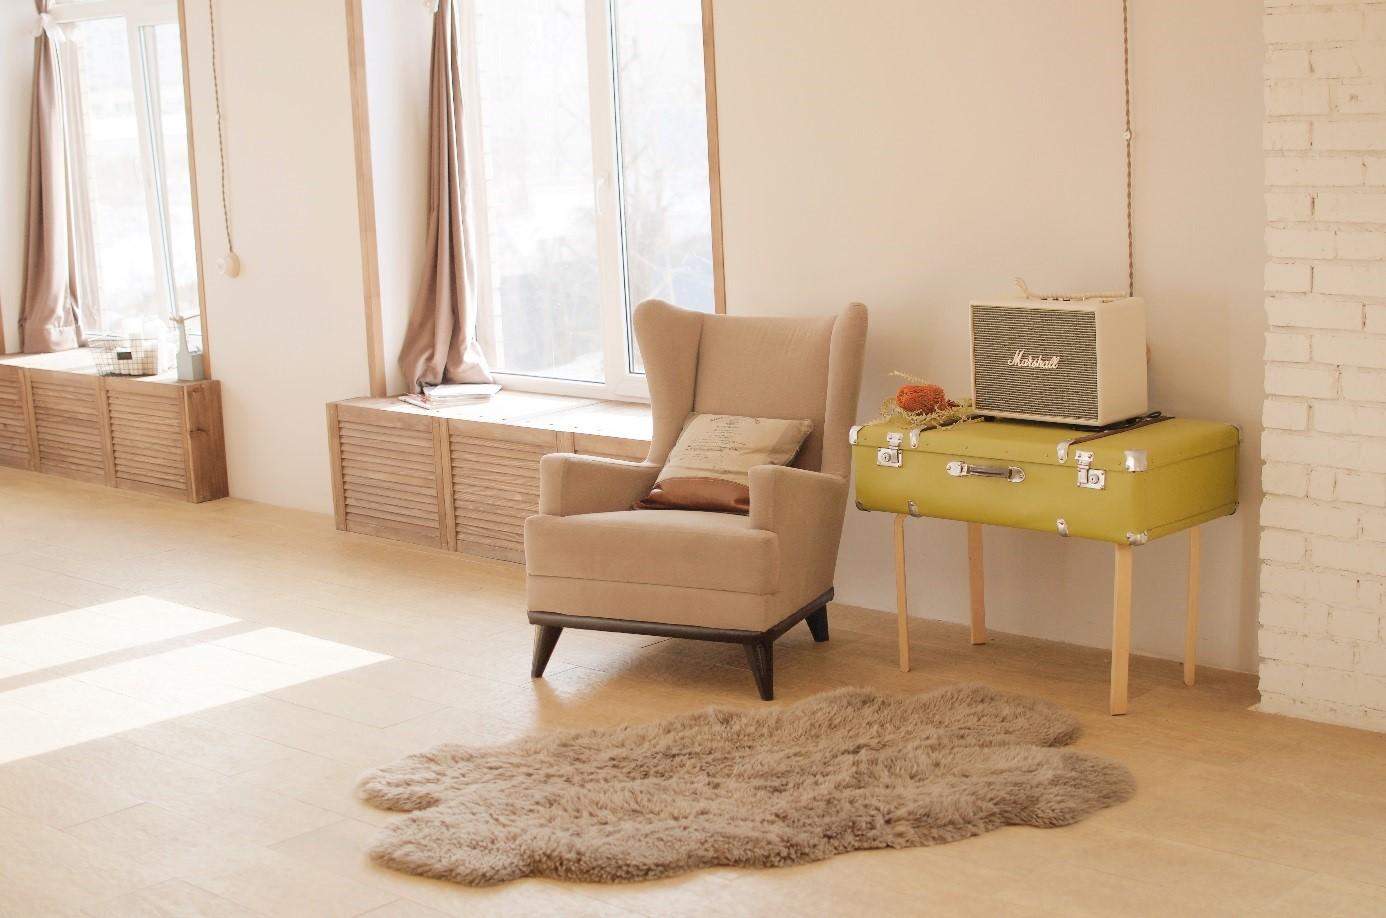 Czym jest apartament idealny?